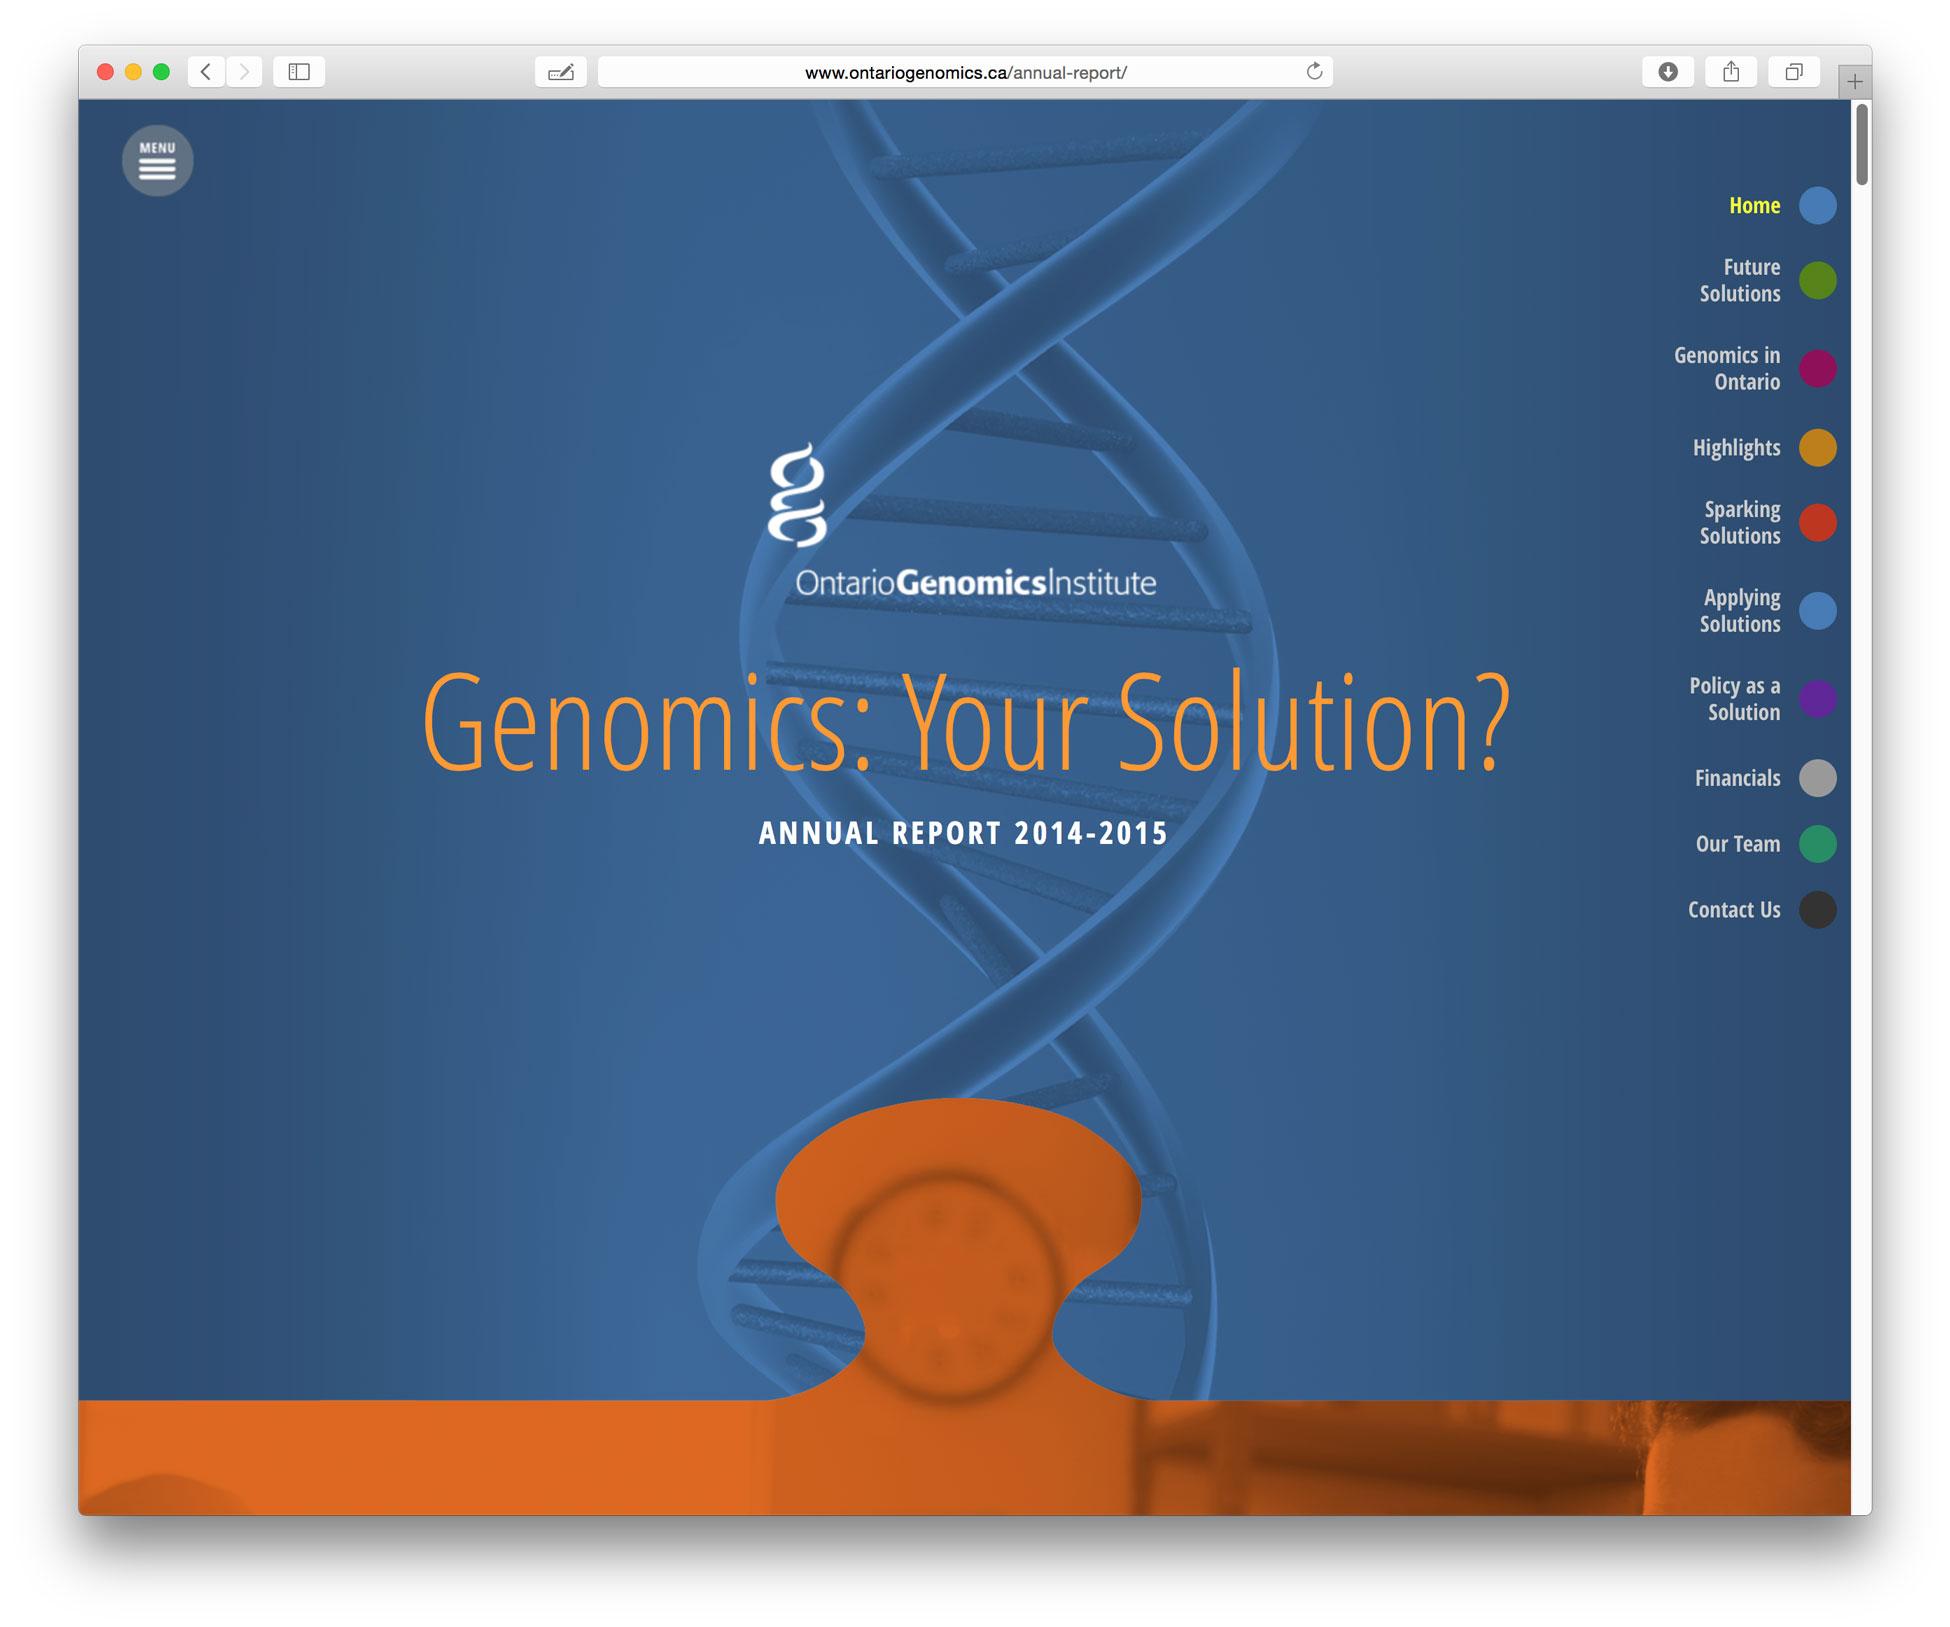 Ontario Geonomics website design by Swerve Design